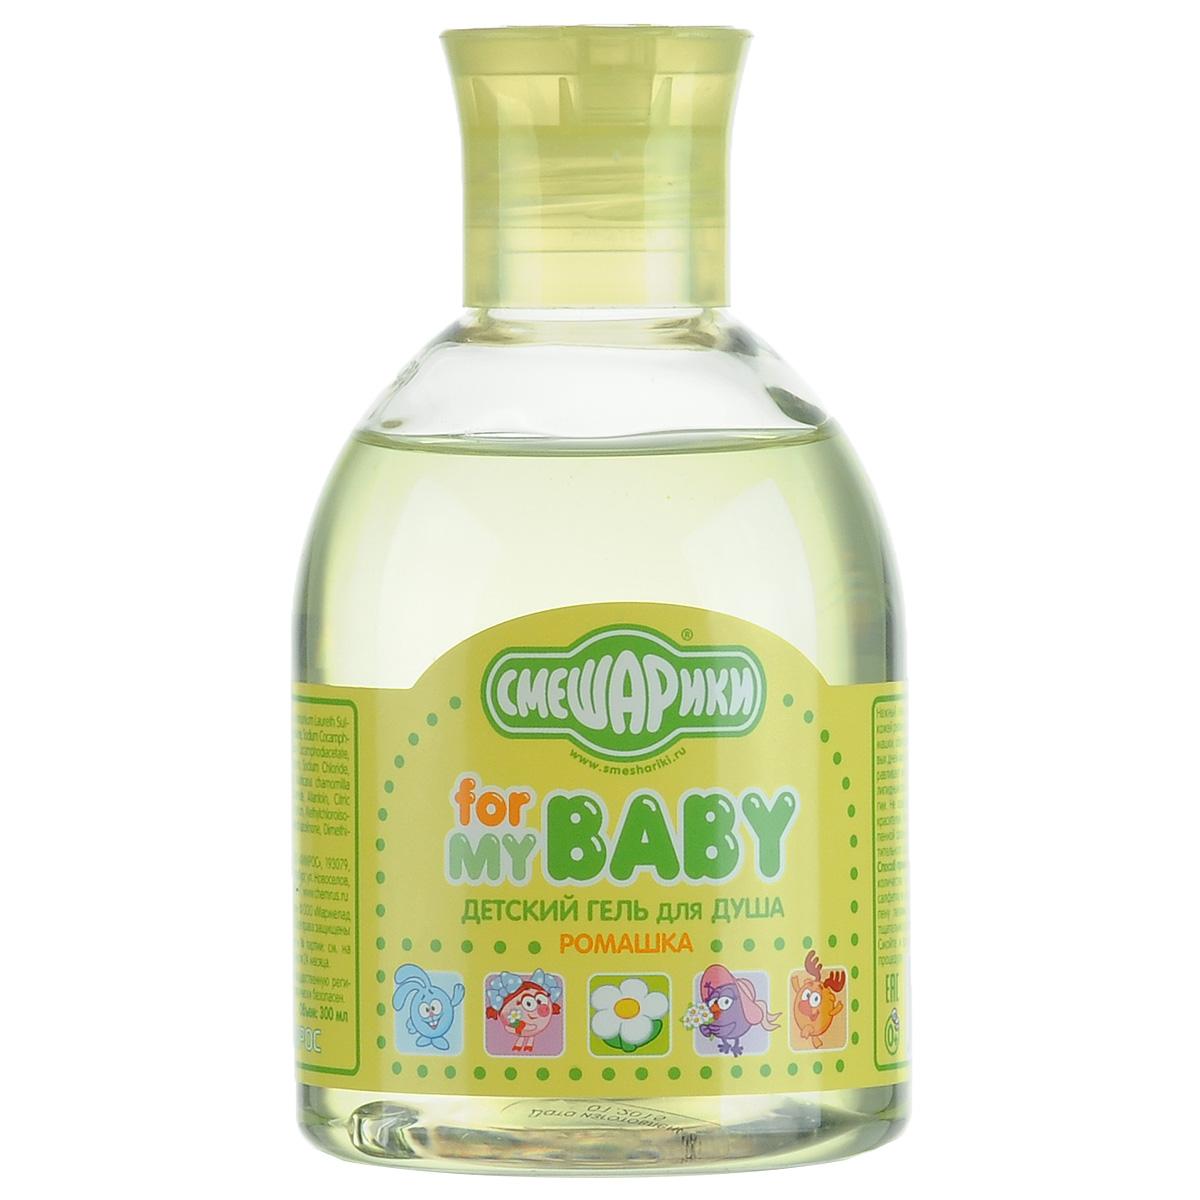 Смешарики Детский гель для душа For my Baby, с экстрактом ромашки, 300 млСМ91Нежный детский гель для душа Смешарики For my Baby подходит для купания малышей с рождения. Гель прекрасно пенится в воде любой жесткости, полностью смывается. Оставляет нежную кожу малыша чистой и не пересушенной, благодаря сбалансированному составу, сохраняющему естественный водно-жировой баланс кожи. Содержит экстракт и отвар ромашки и бисаболол, которые оказывают противовоспалительное, успокаивающее действие, питают и защищают кожу ребенка. Принципиальное отличие геля для душа в использовании моющих веществ натурального происхождения, которые не наносят раздражающего действия на детскую кожу и оказывают мягкое моющее действие. Средство не содержит красителей, не вызывает аллергии. Товар сертифицирован и дерматологически безопасен.